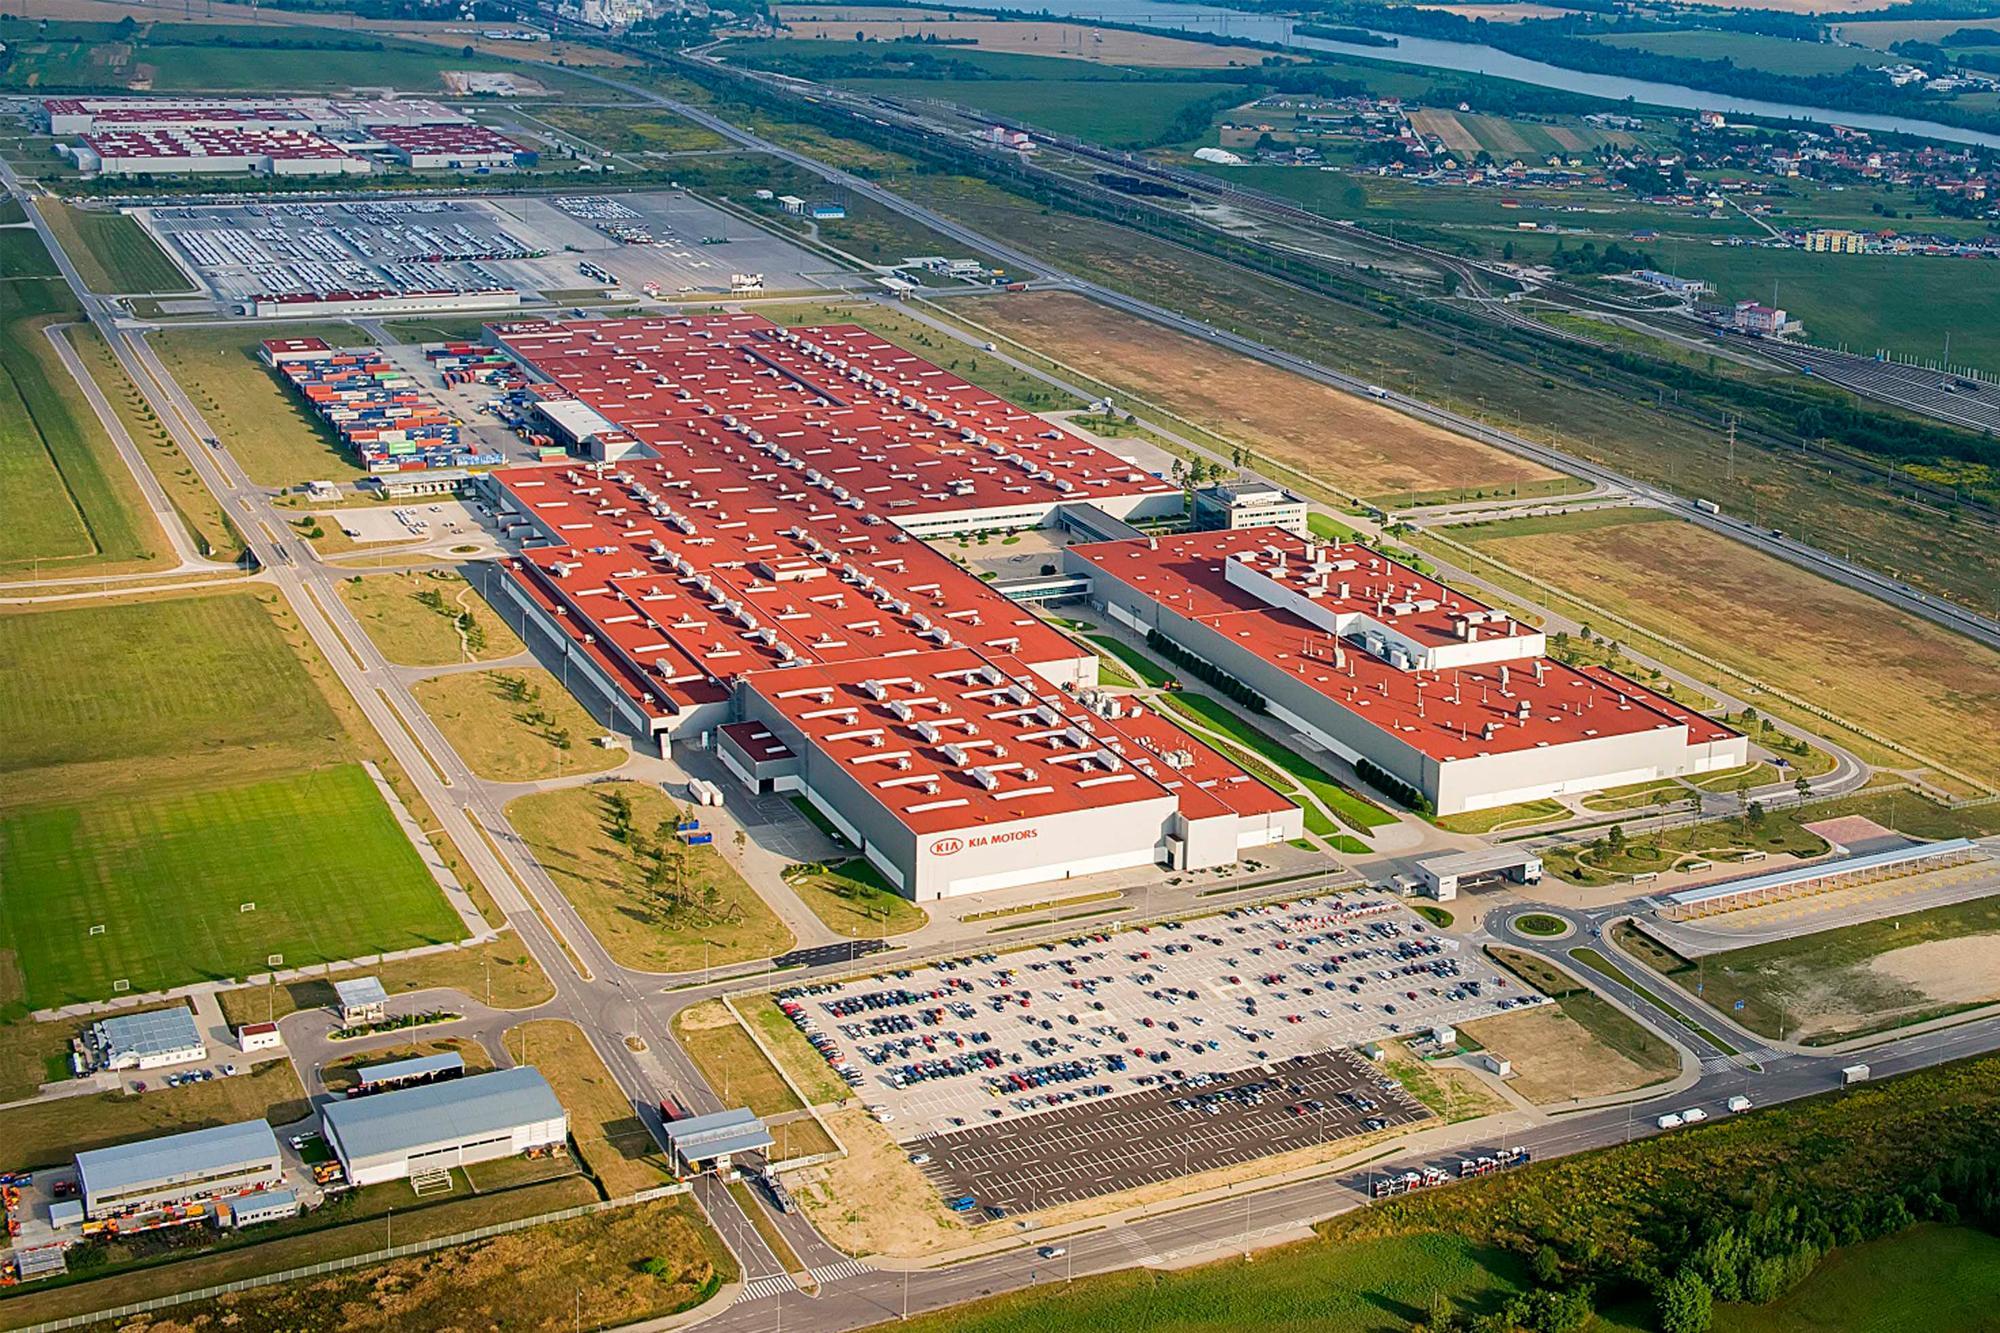 Η Kia επενδύει 70 εκατομμύρια ευρώ στην παραγωγή κινητήρων στην Ευρώπη